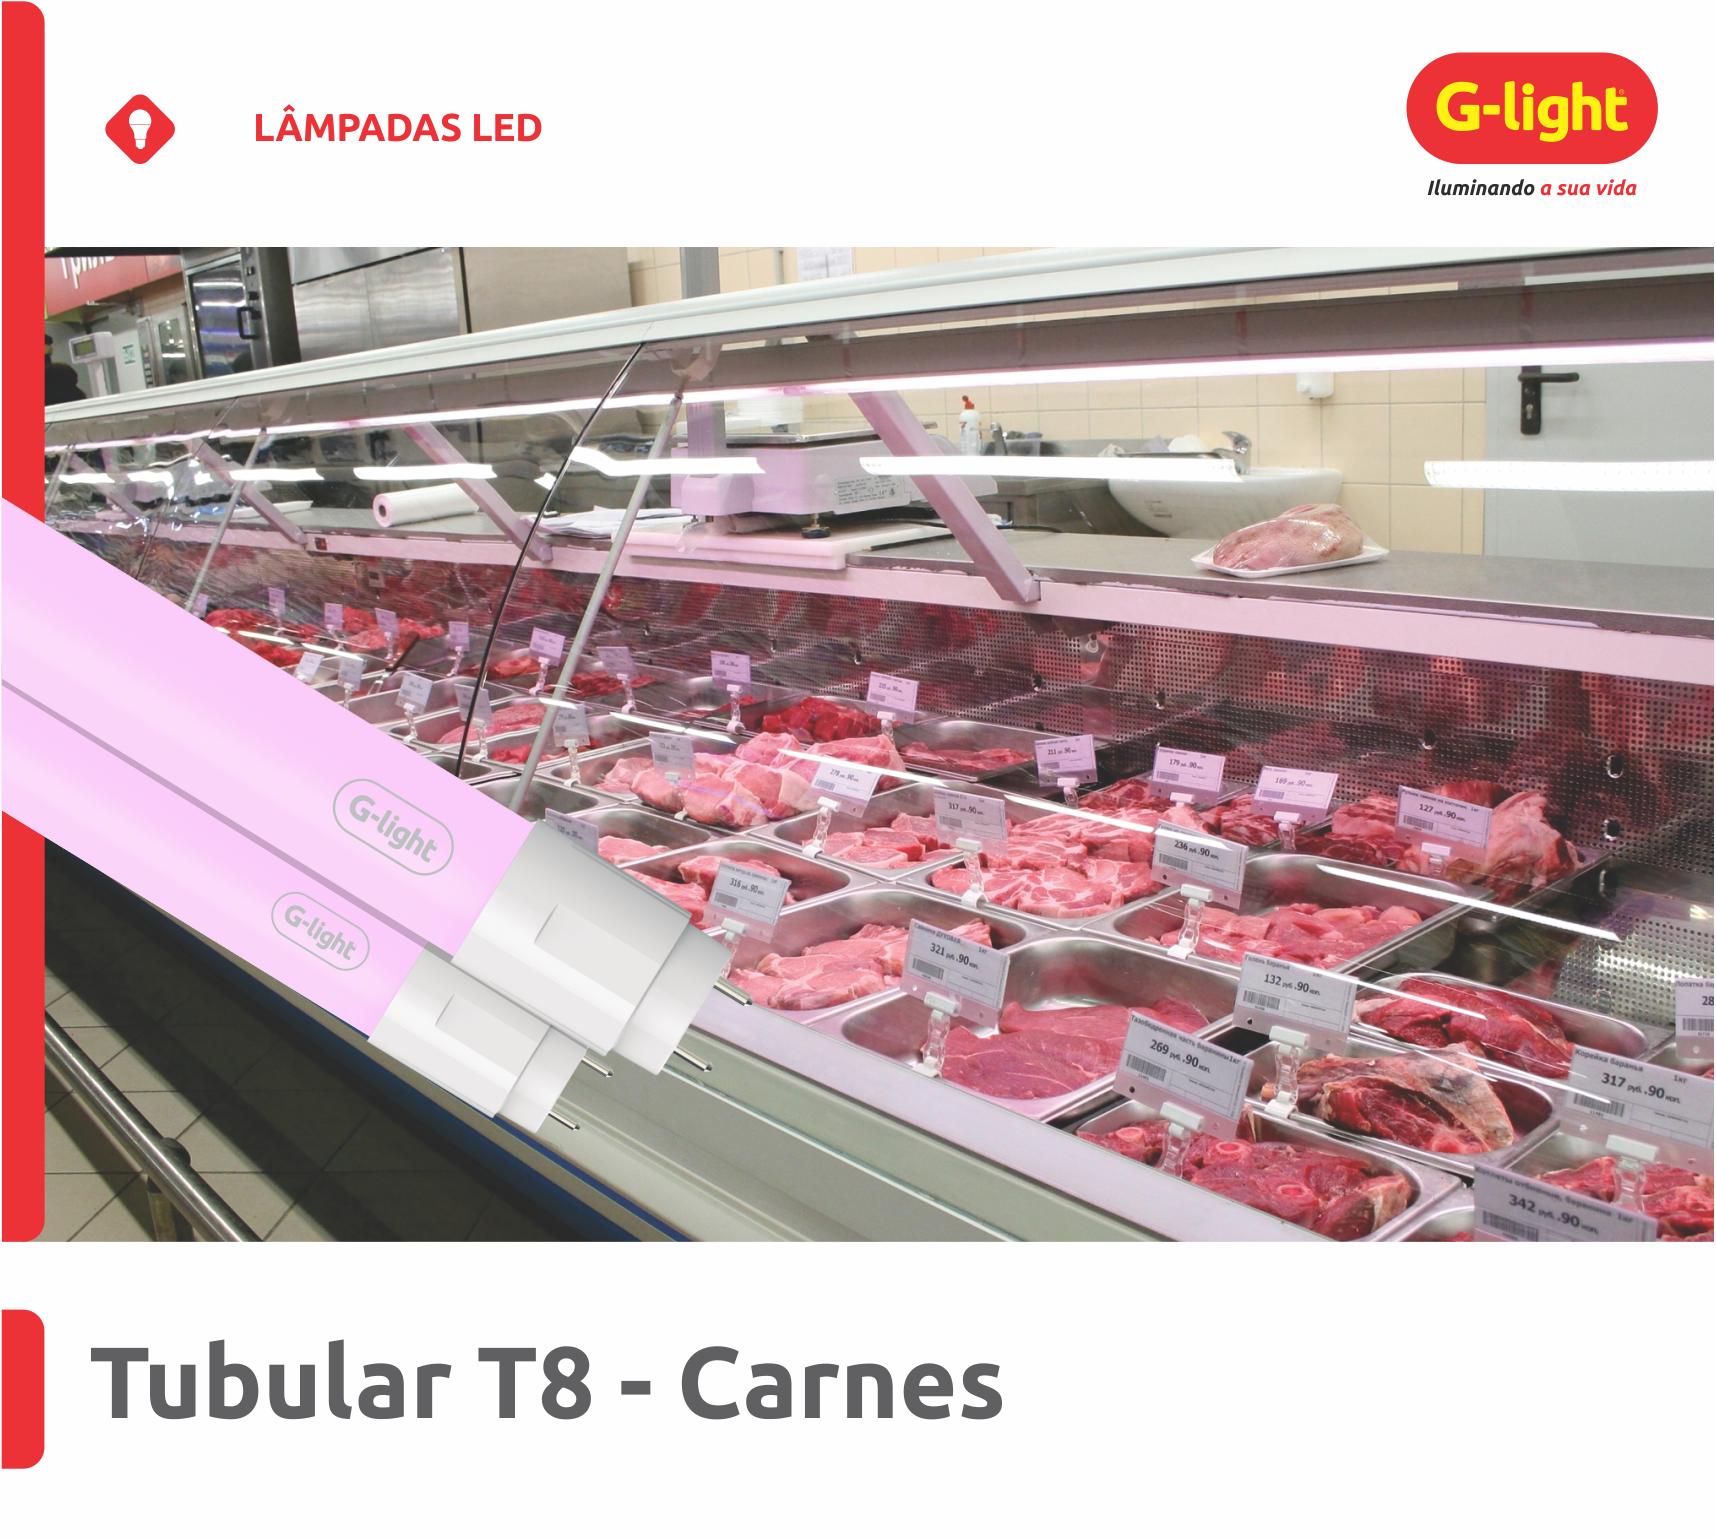 Tubular T8 Especial - Carnes